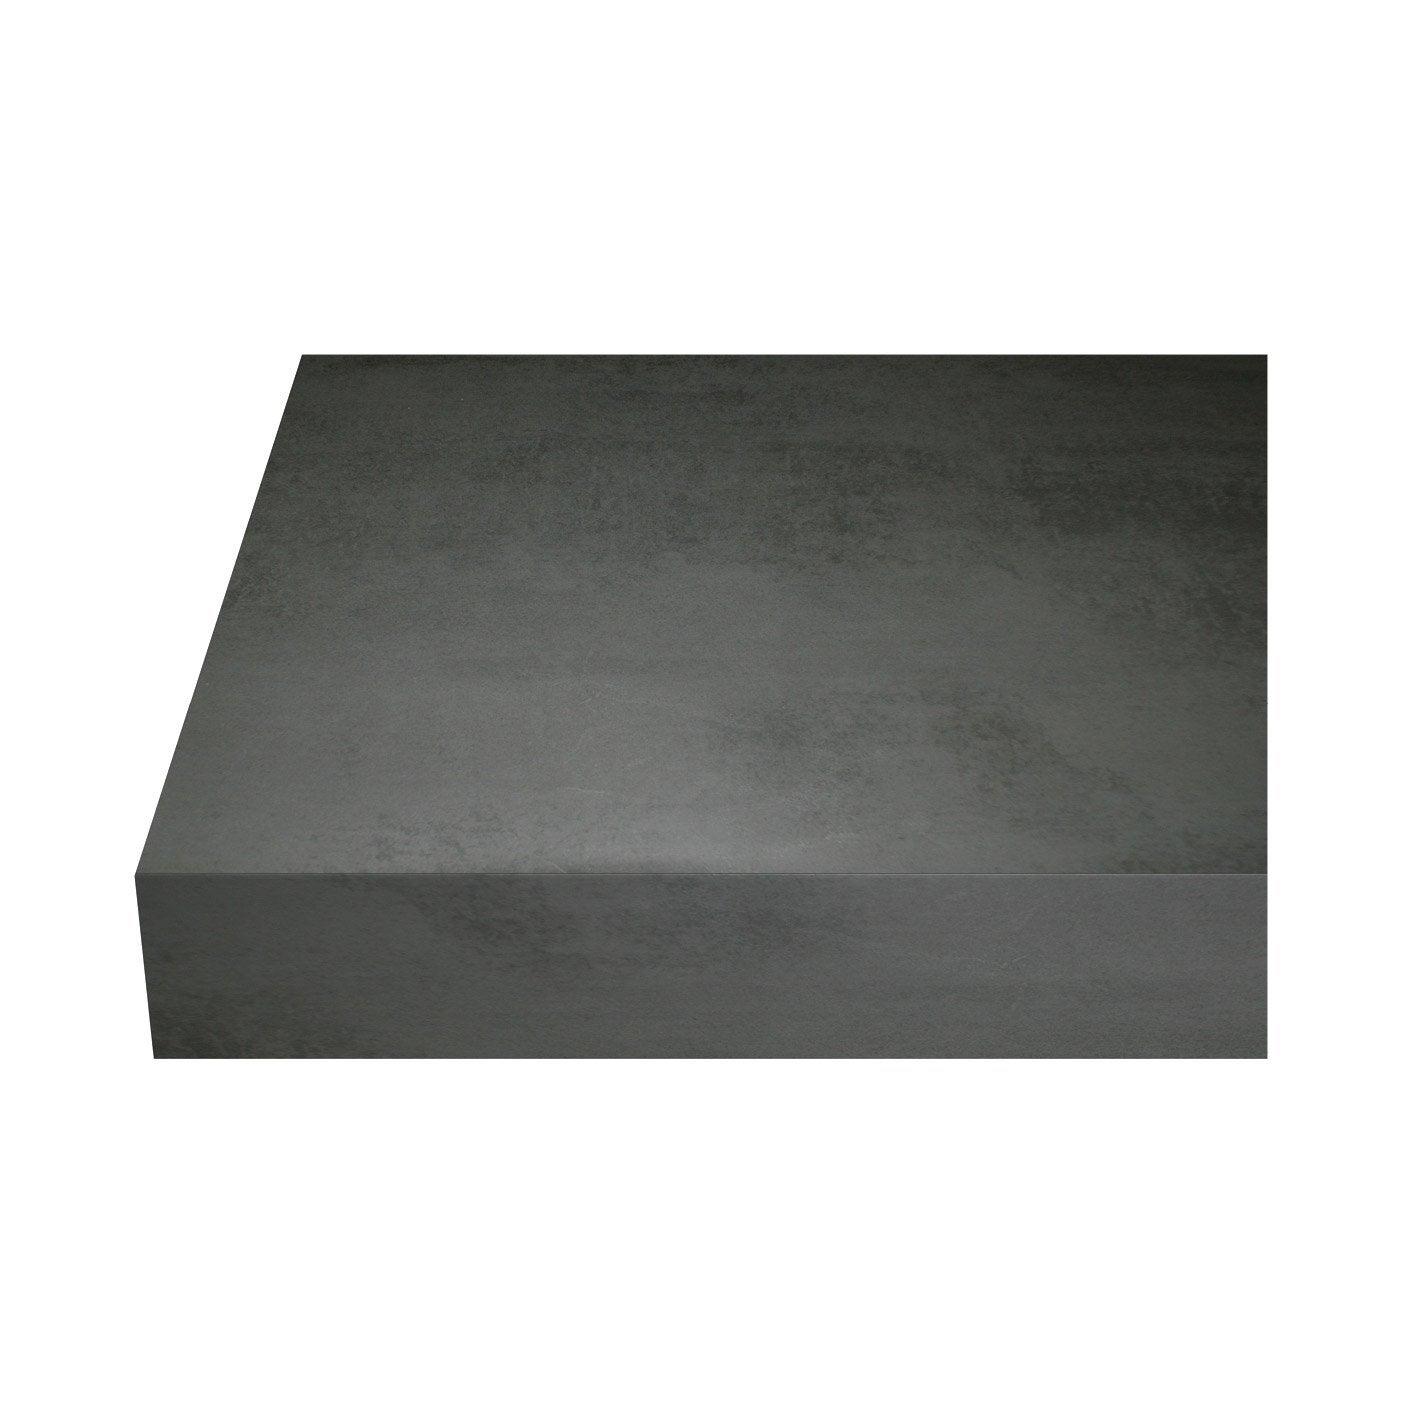 Comment Recouvrir Un Plan De Travail plan de travail stratifié beton cire fonce mat l.315 x p.65 cm, ep.38 mm